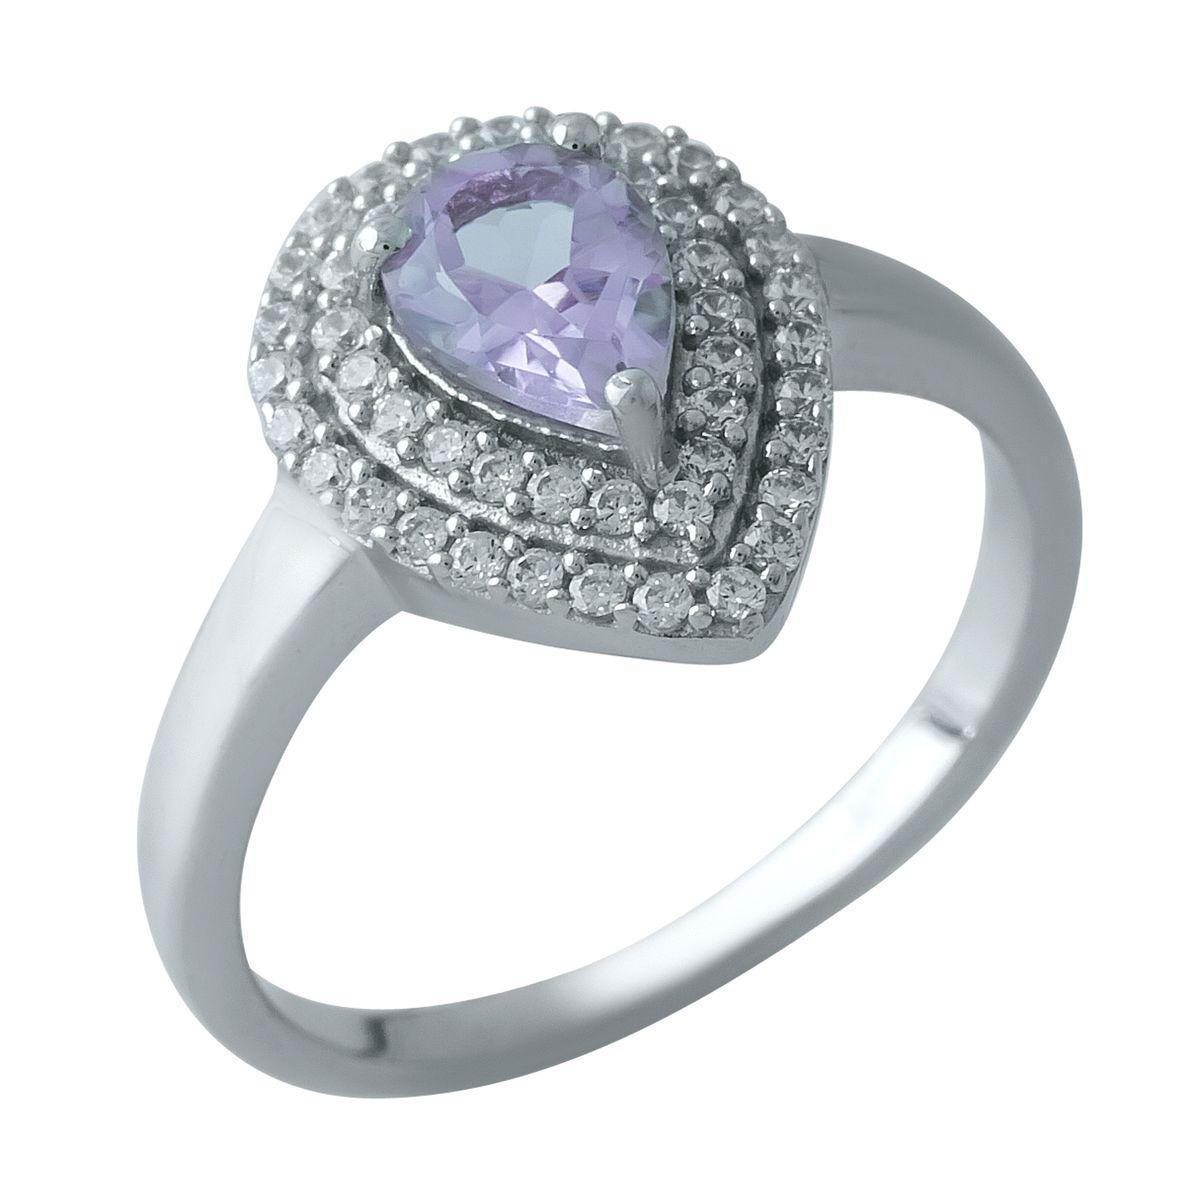 Серебряное кольцо DreamJewelry с натуральным аметистом (1969953) 17 размер